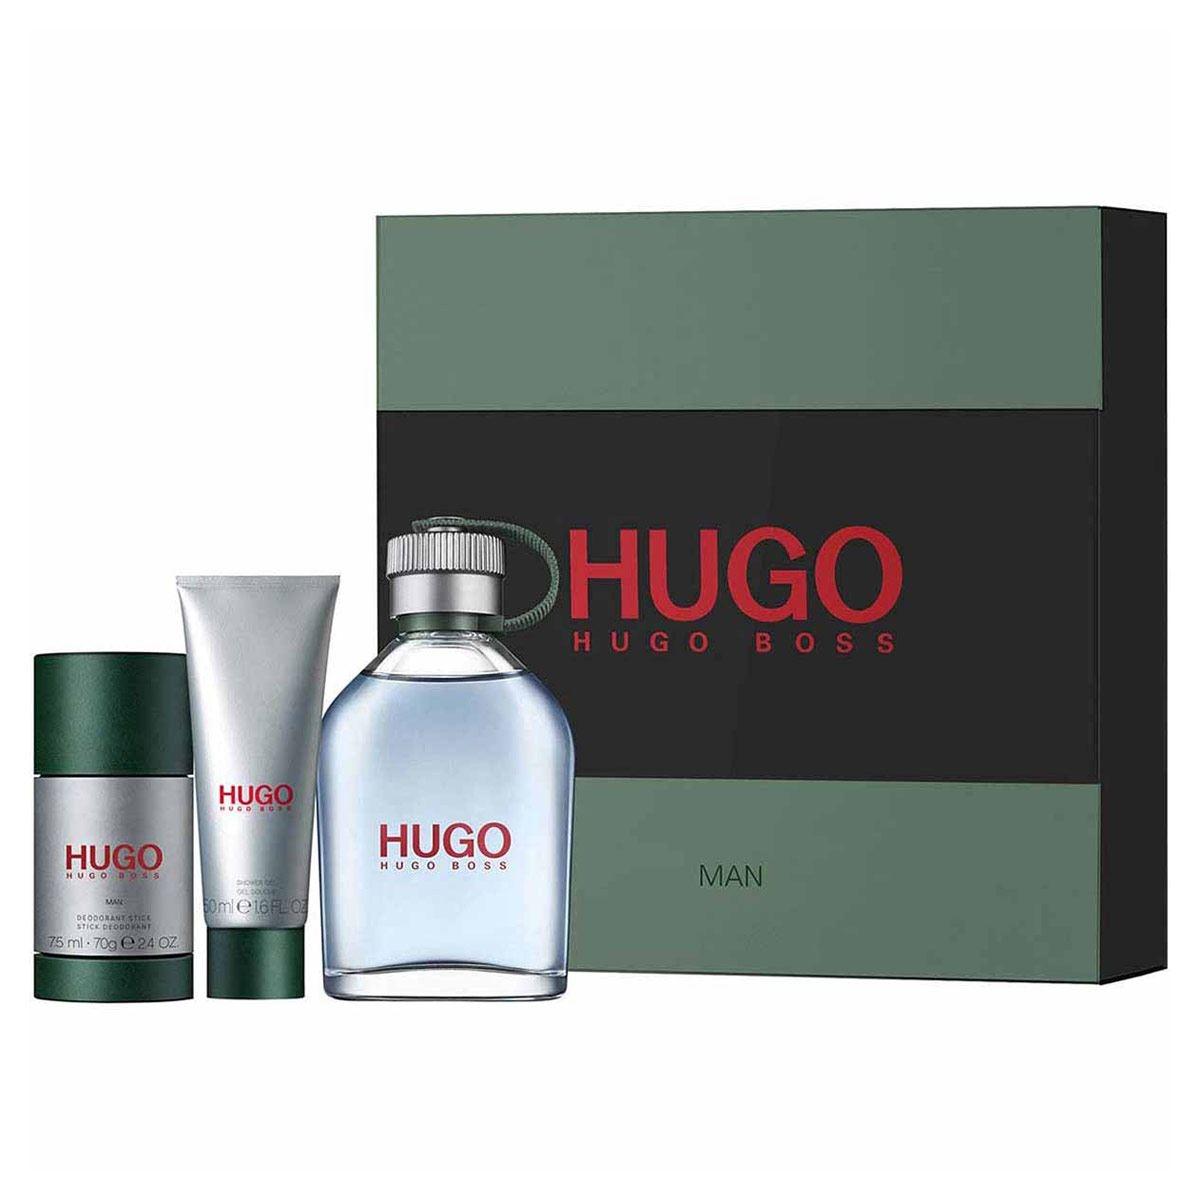 Hugo Boss - Hugo Man 125 ml EDT + Deo stick 75 ml + Shower Gel 50 ml - Giftset